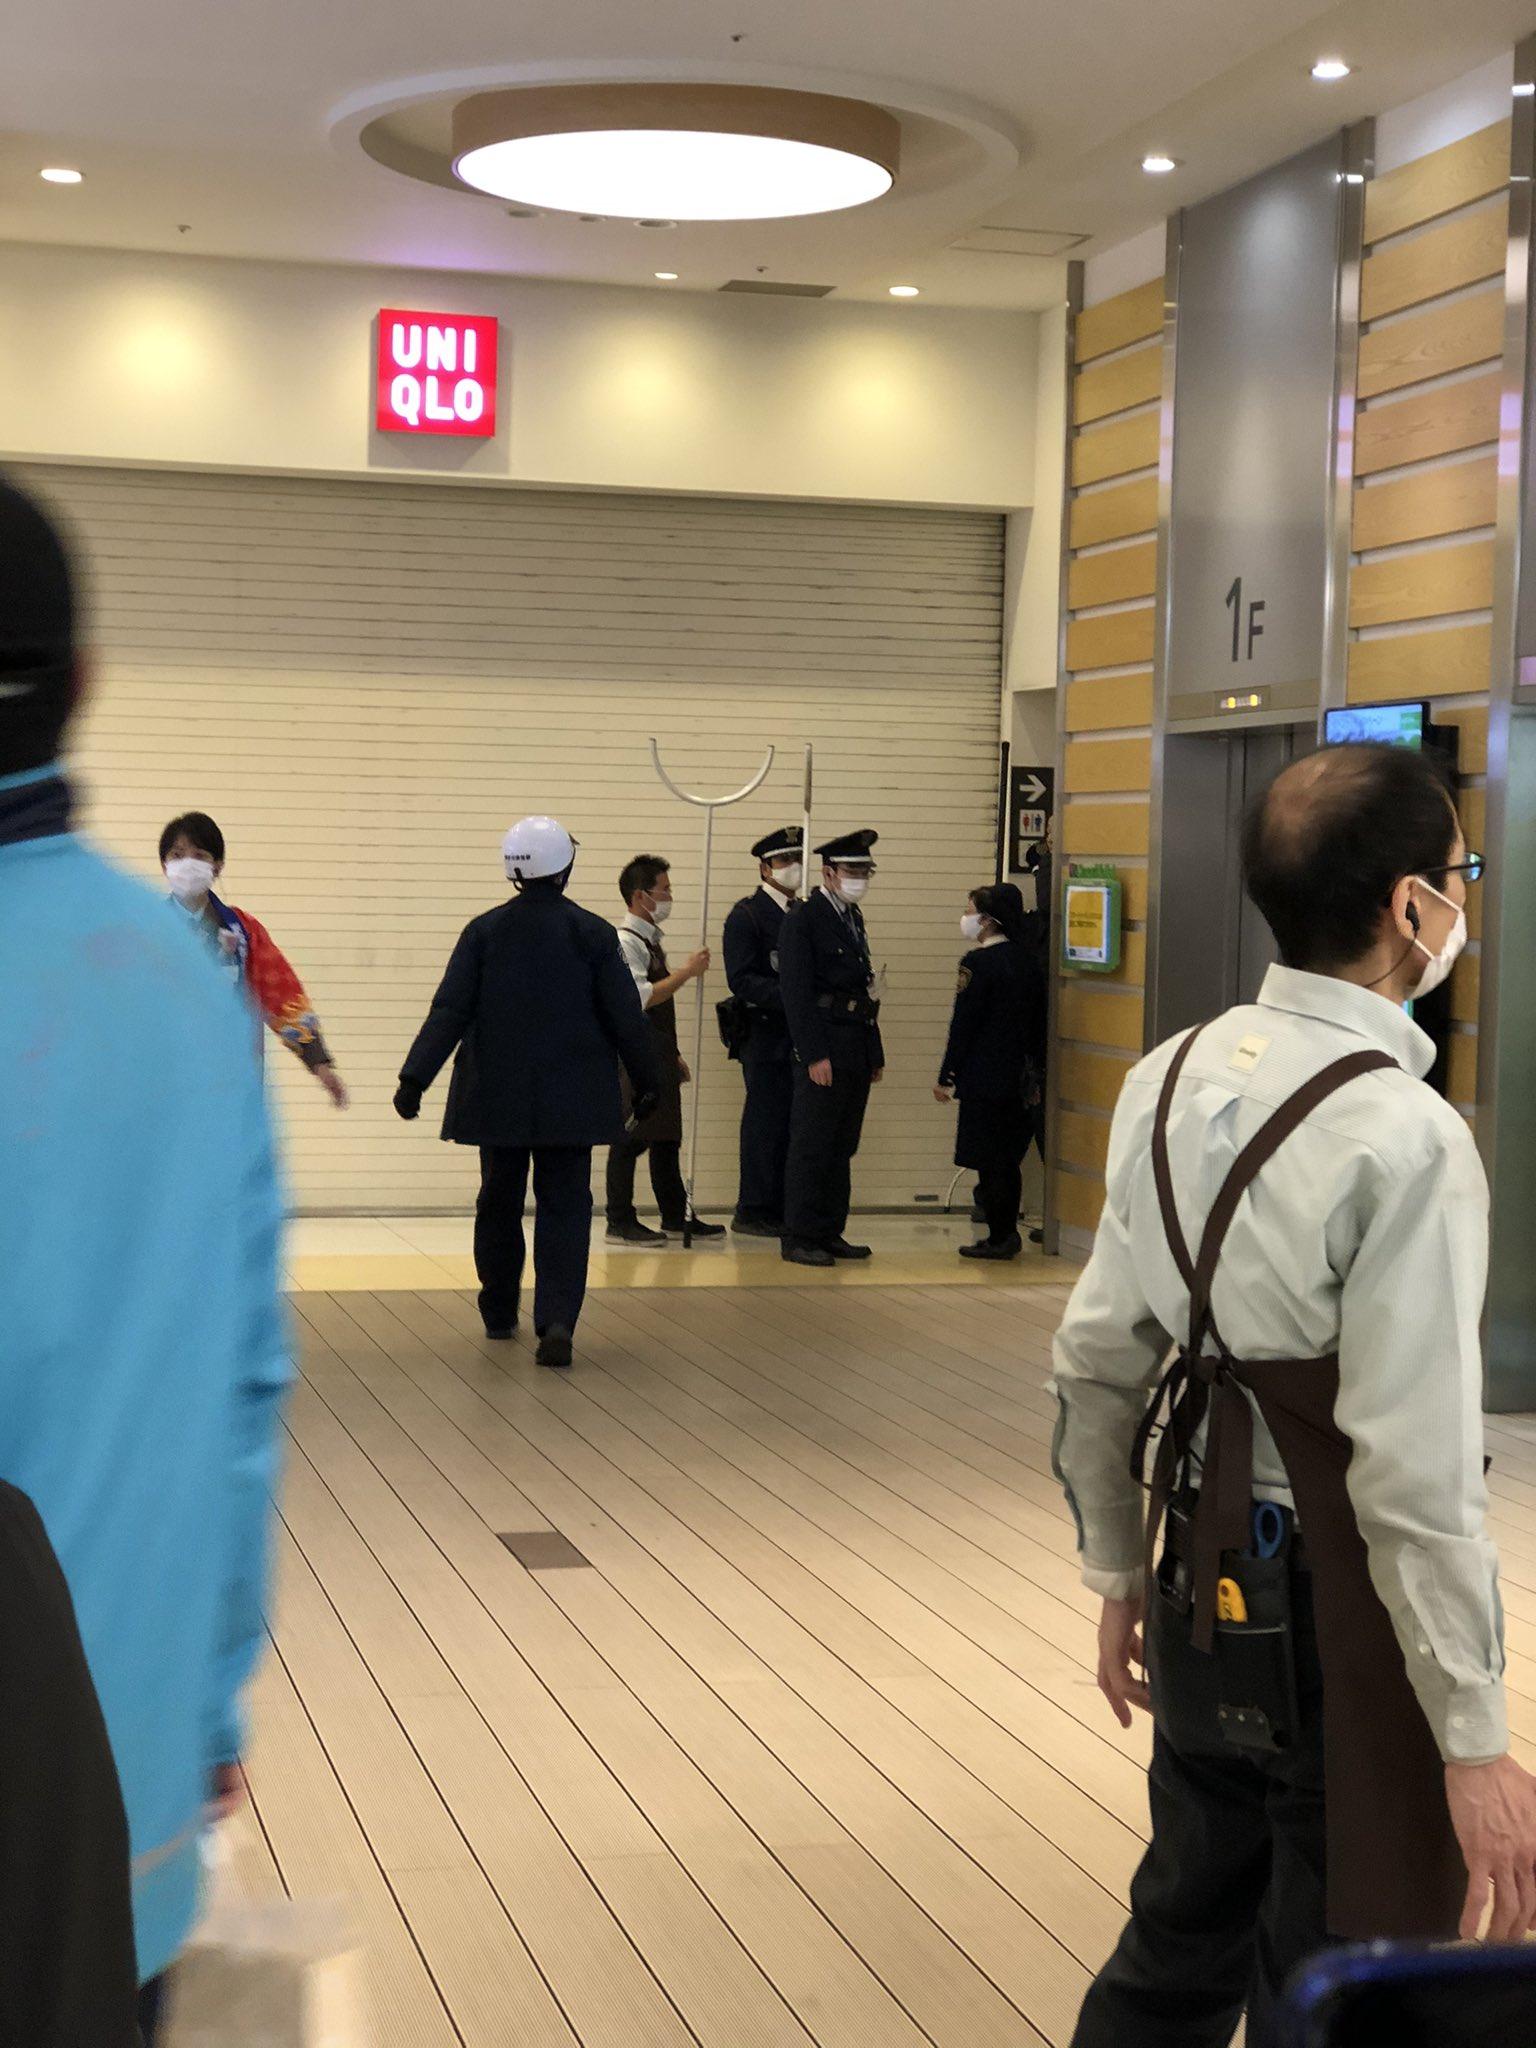 ラゾーナ川崎で藤本麻希容疑者が女性を刺した刺傷事件の現場画像